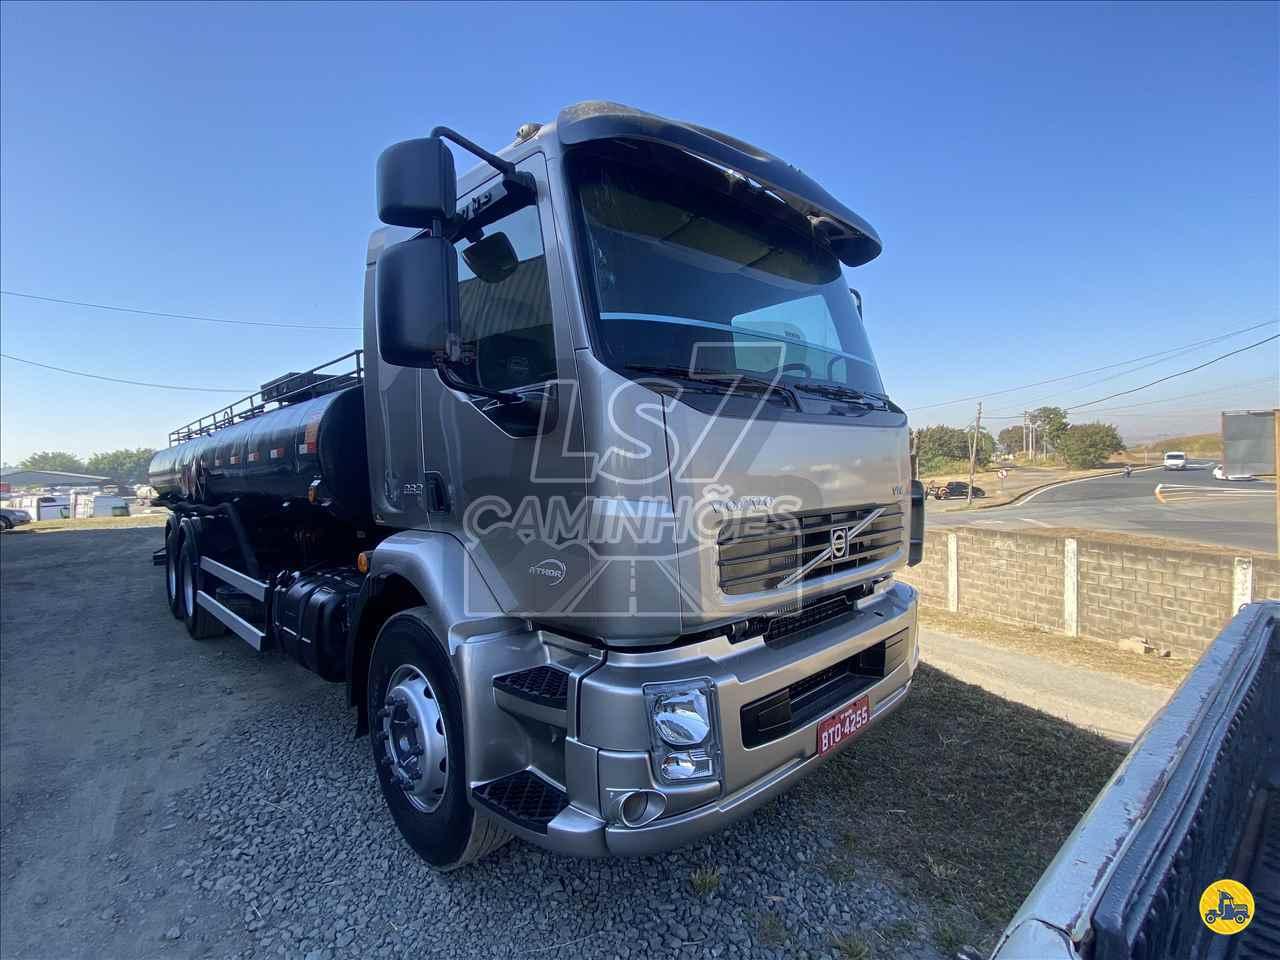 CAMINHAO VOLVO VOLVO VM 260 Tanque Aço Truck 6x2 LS 7 Caminhões LIMEIRA SÃO PAULO SP